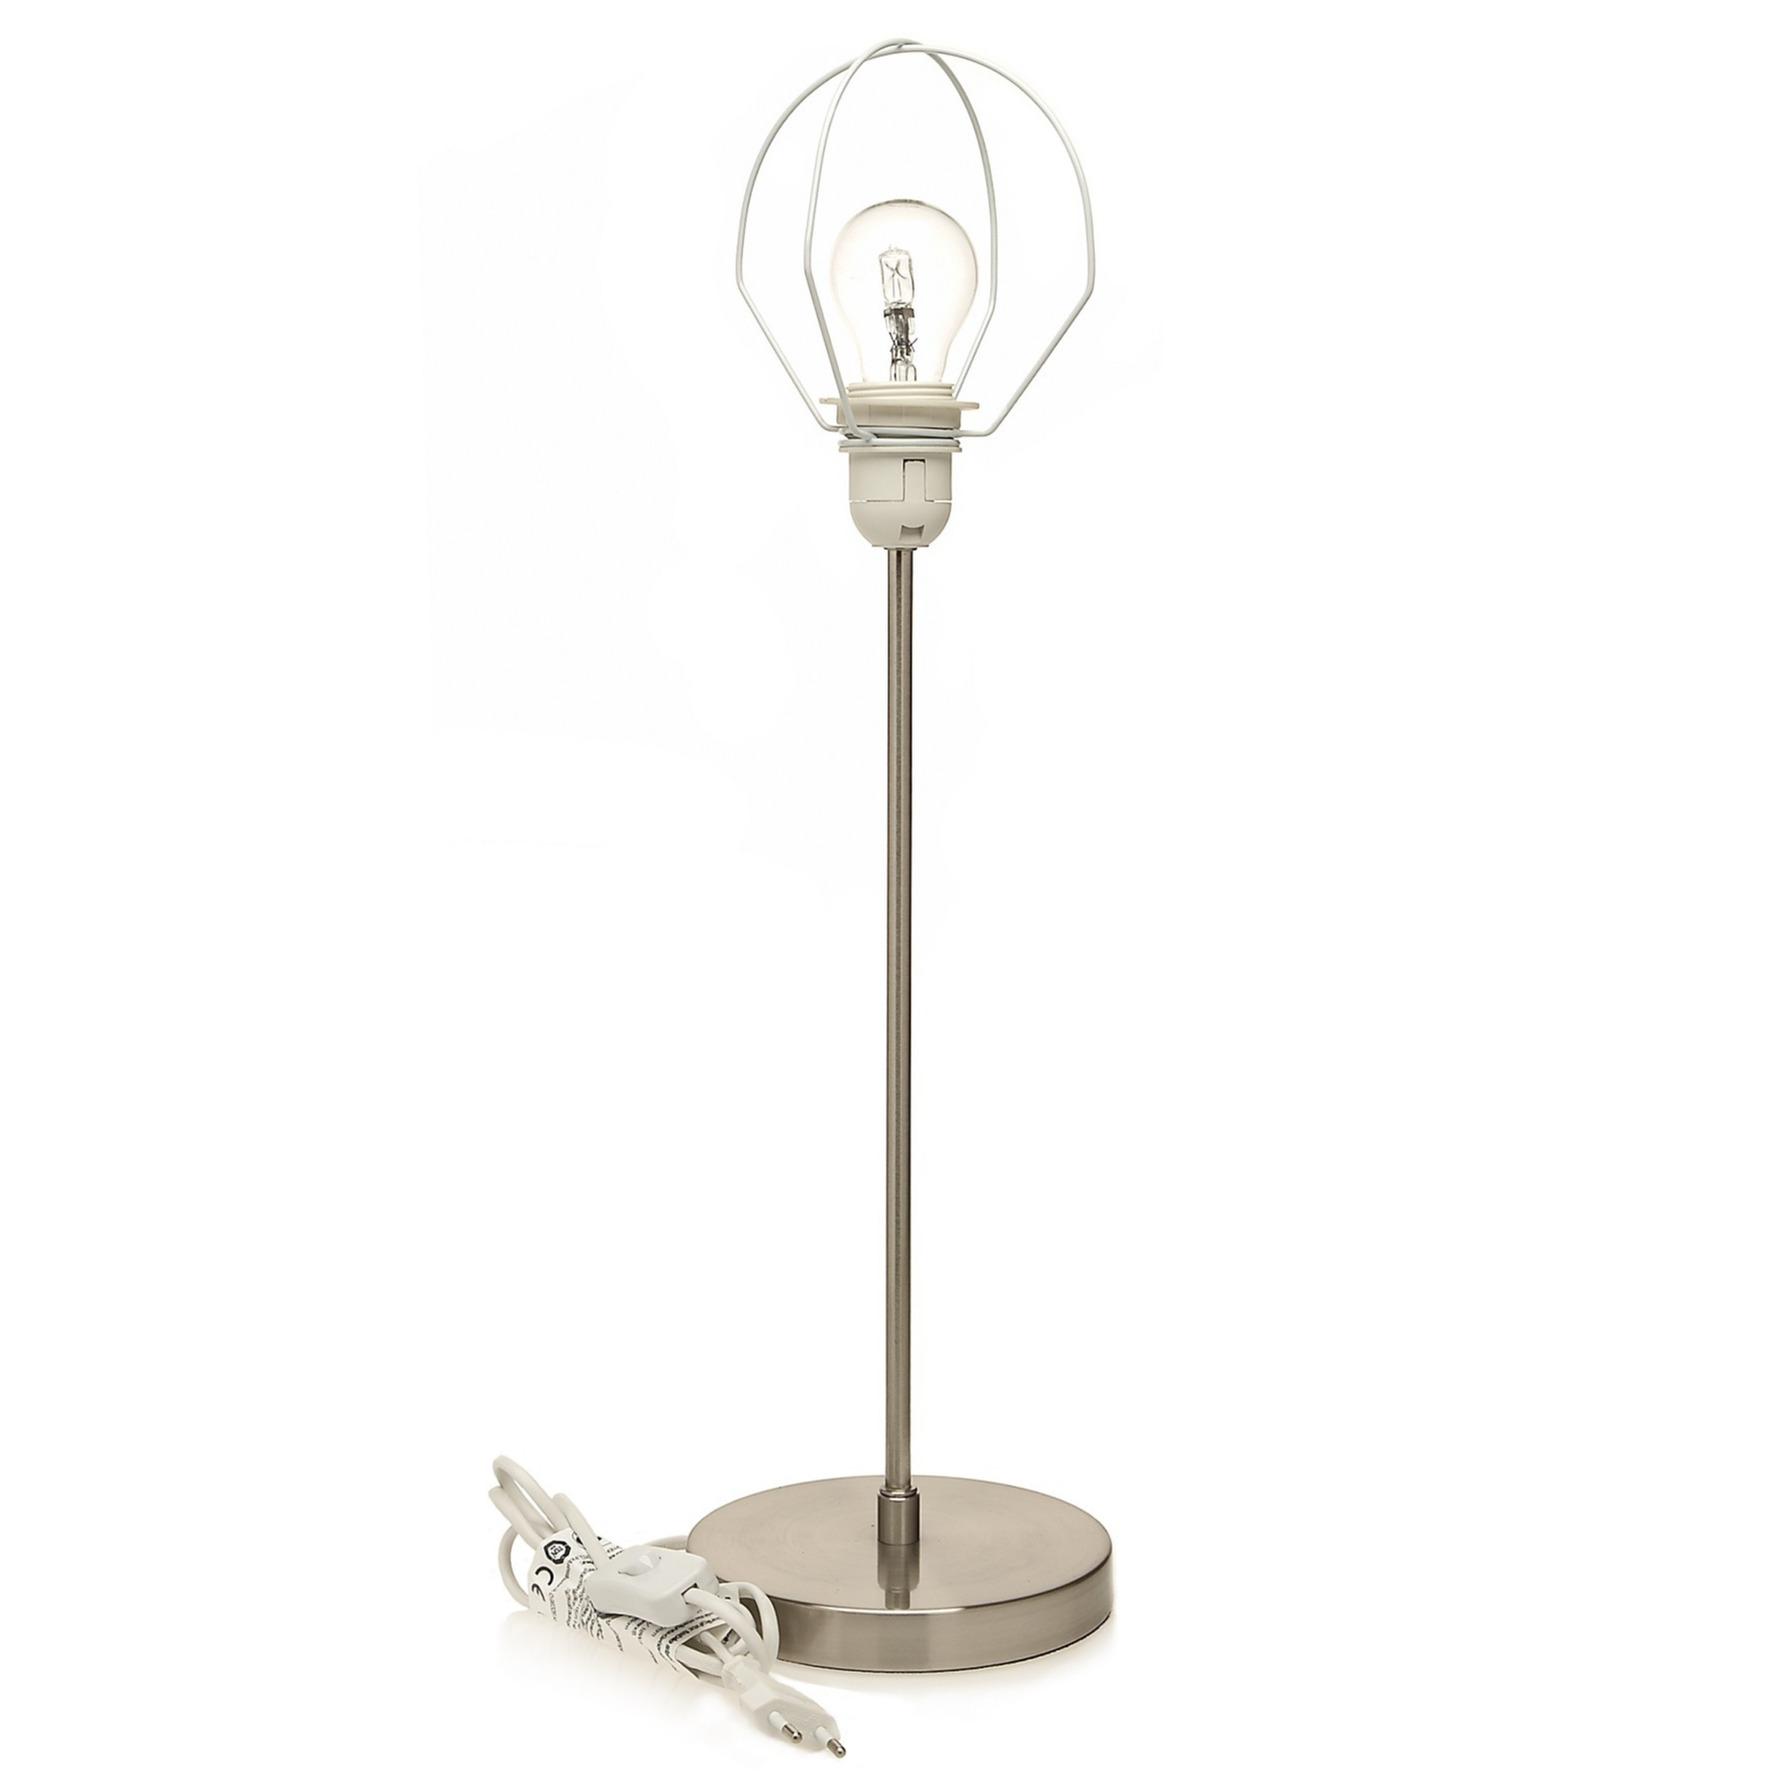 Lampen standaard zilver met E27 fitting 46 cm